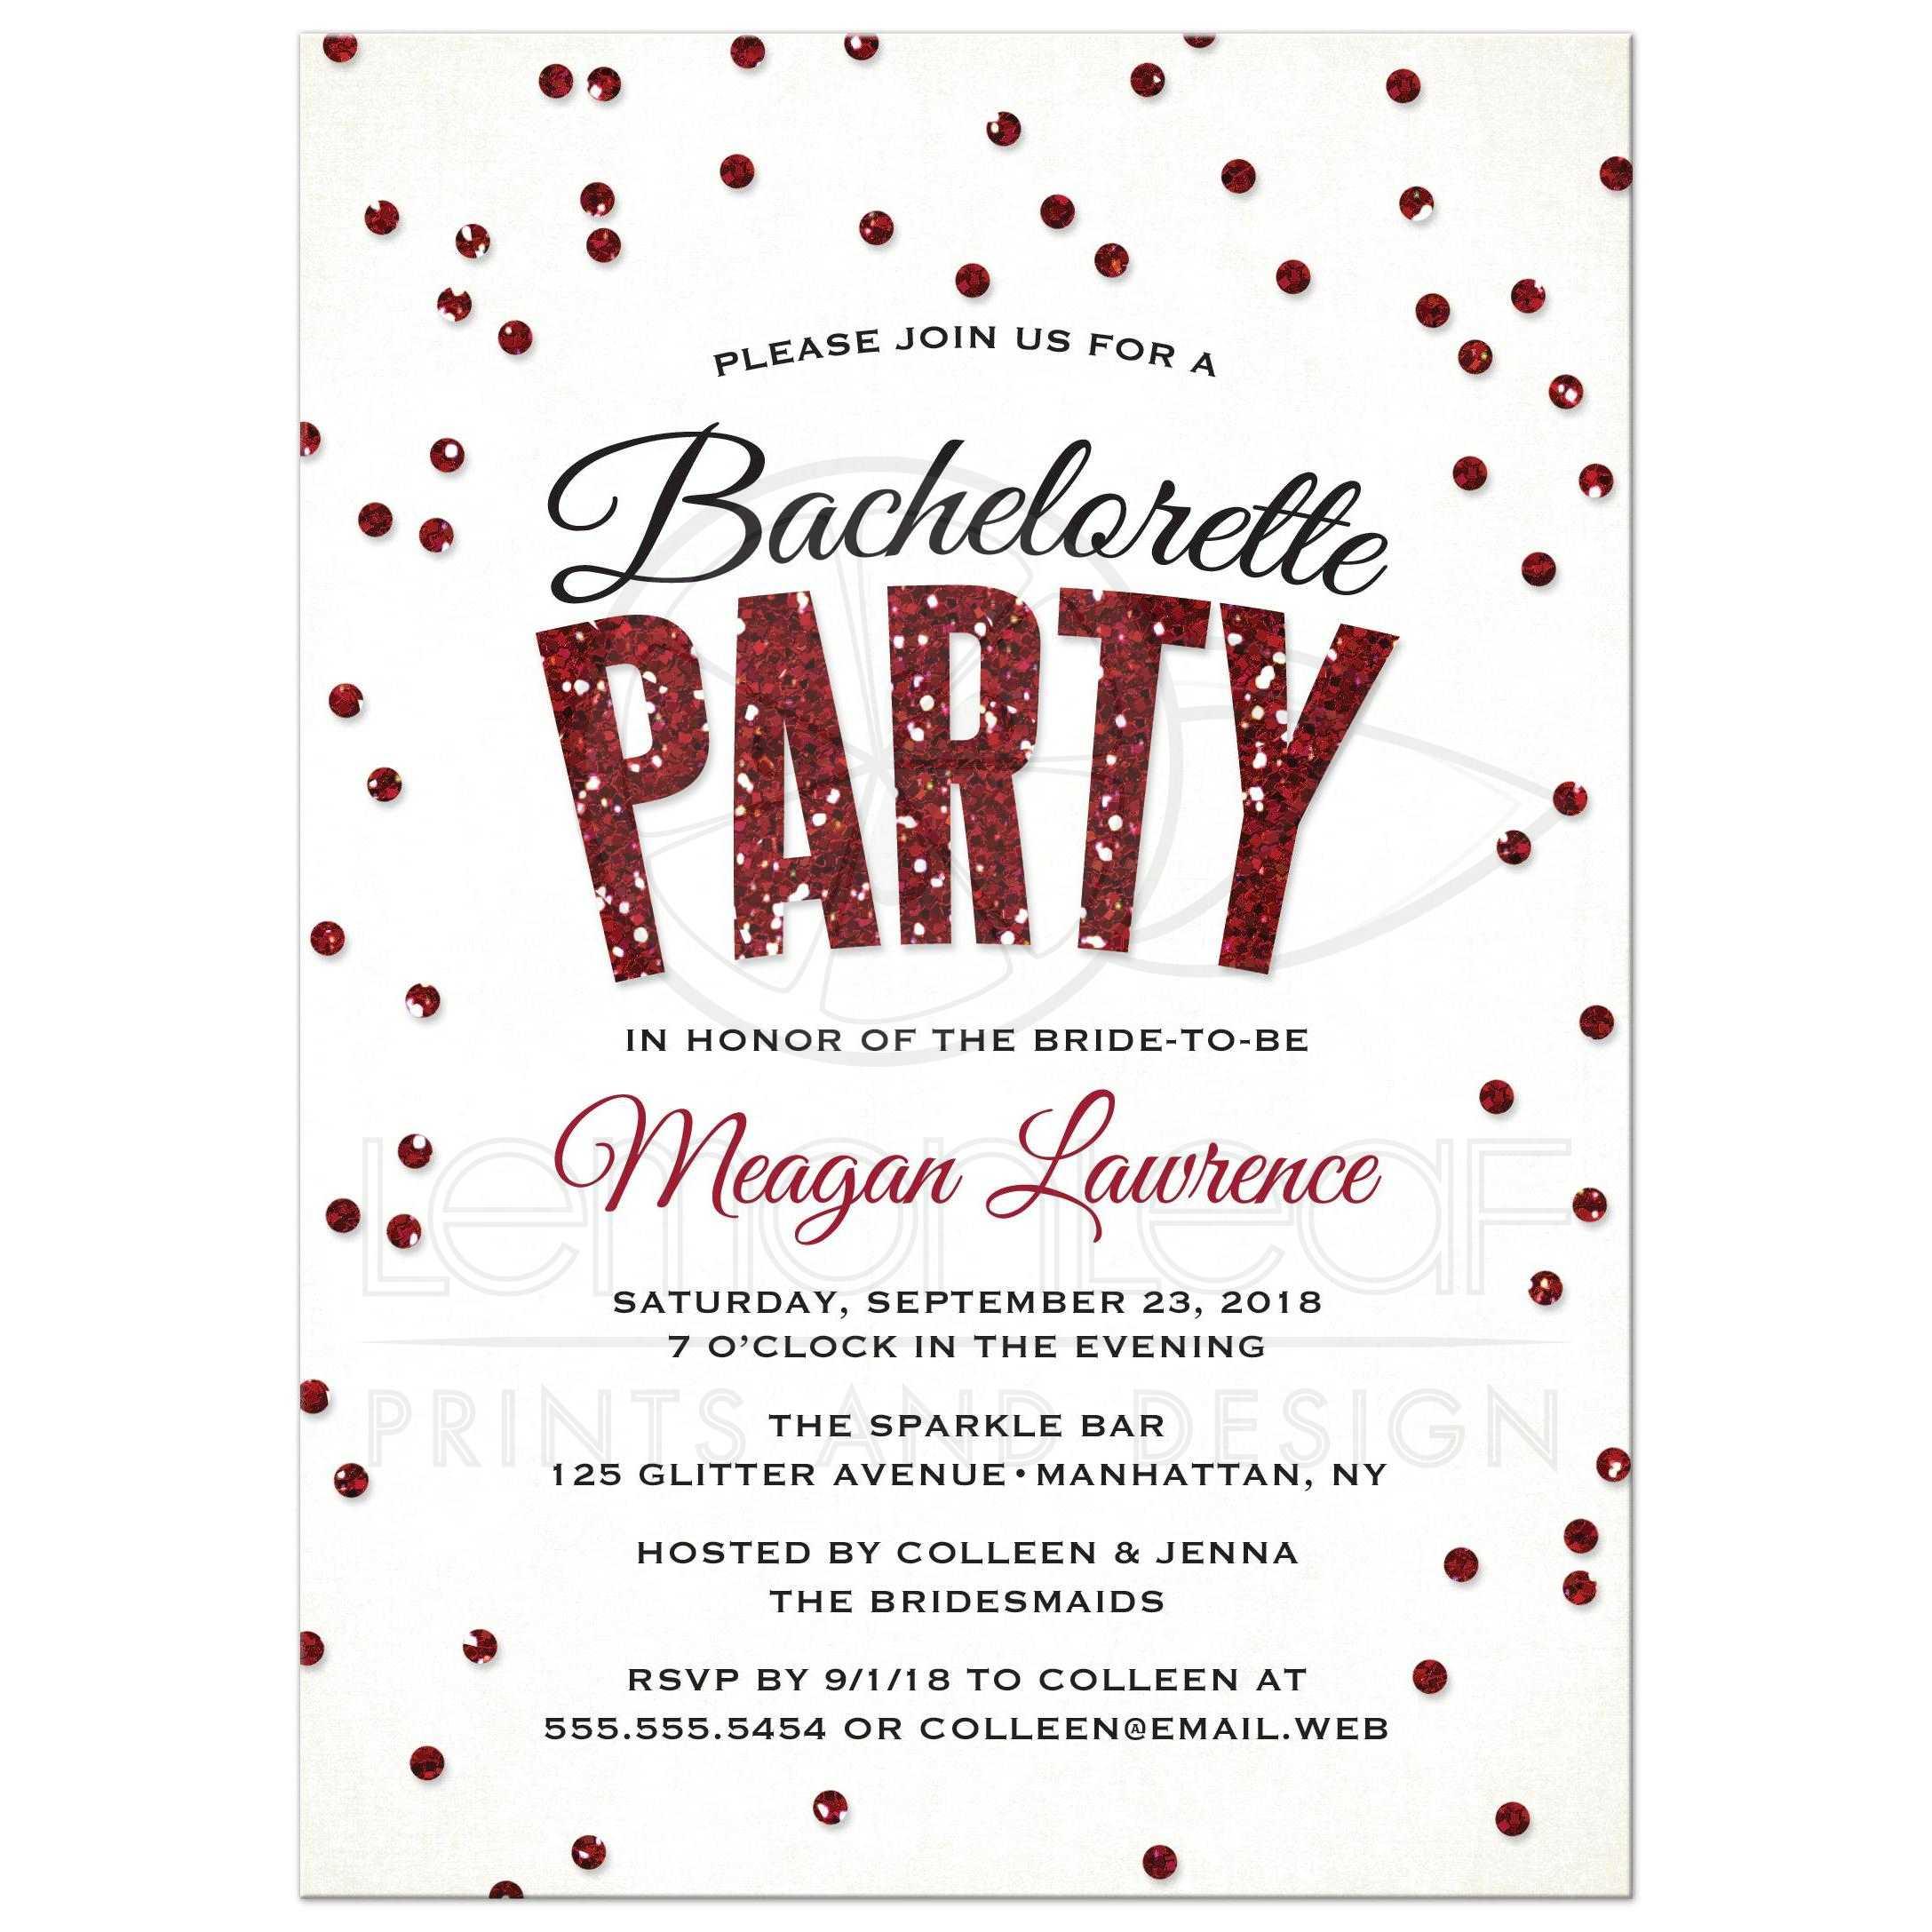 Bachelorette Party Invitations Red Glitter Look Confetti